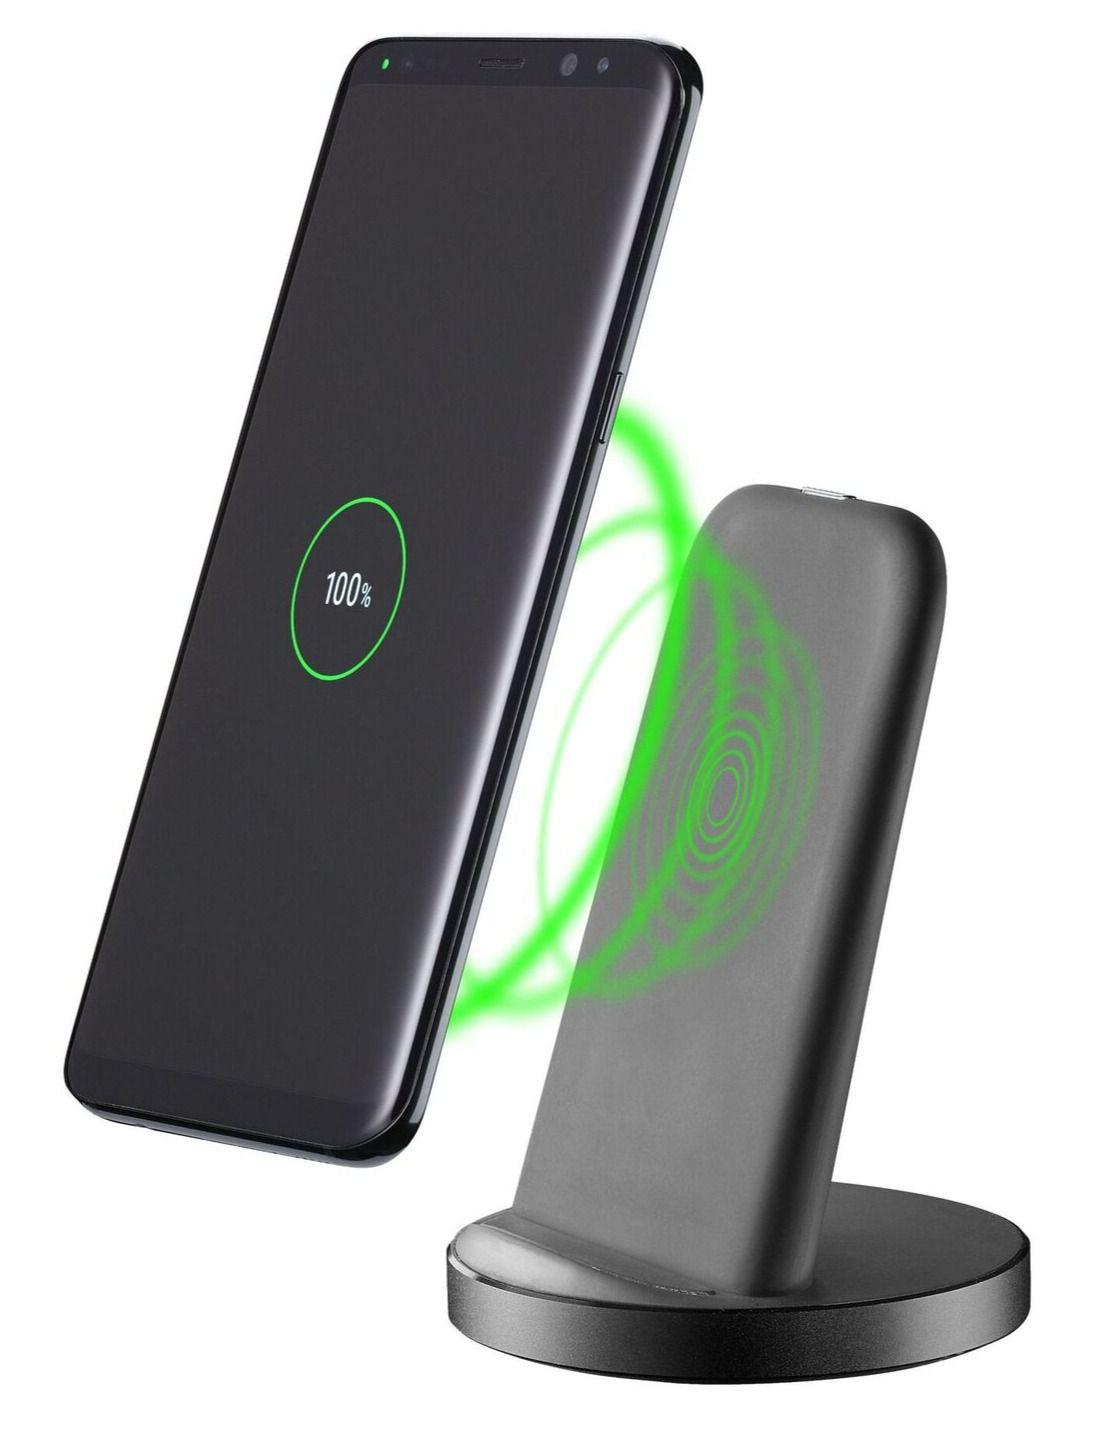 Nueva línea de cargadores inalámbricos de Cellularline | Imagenacion